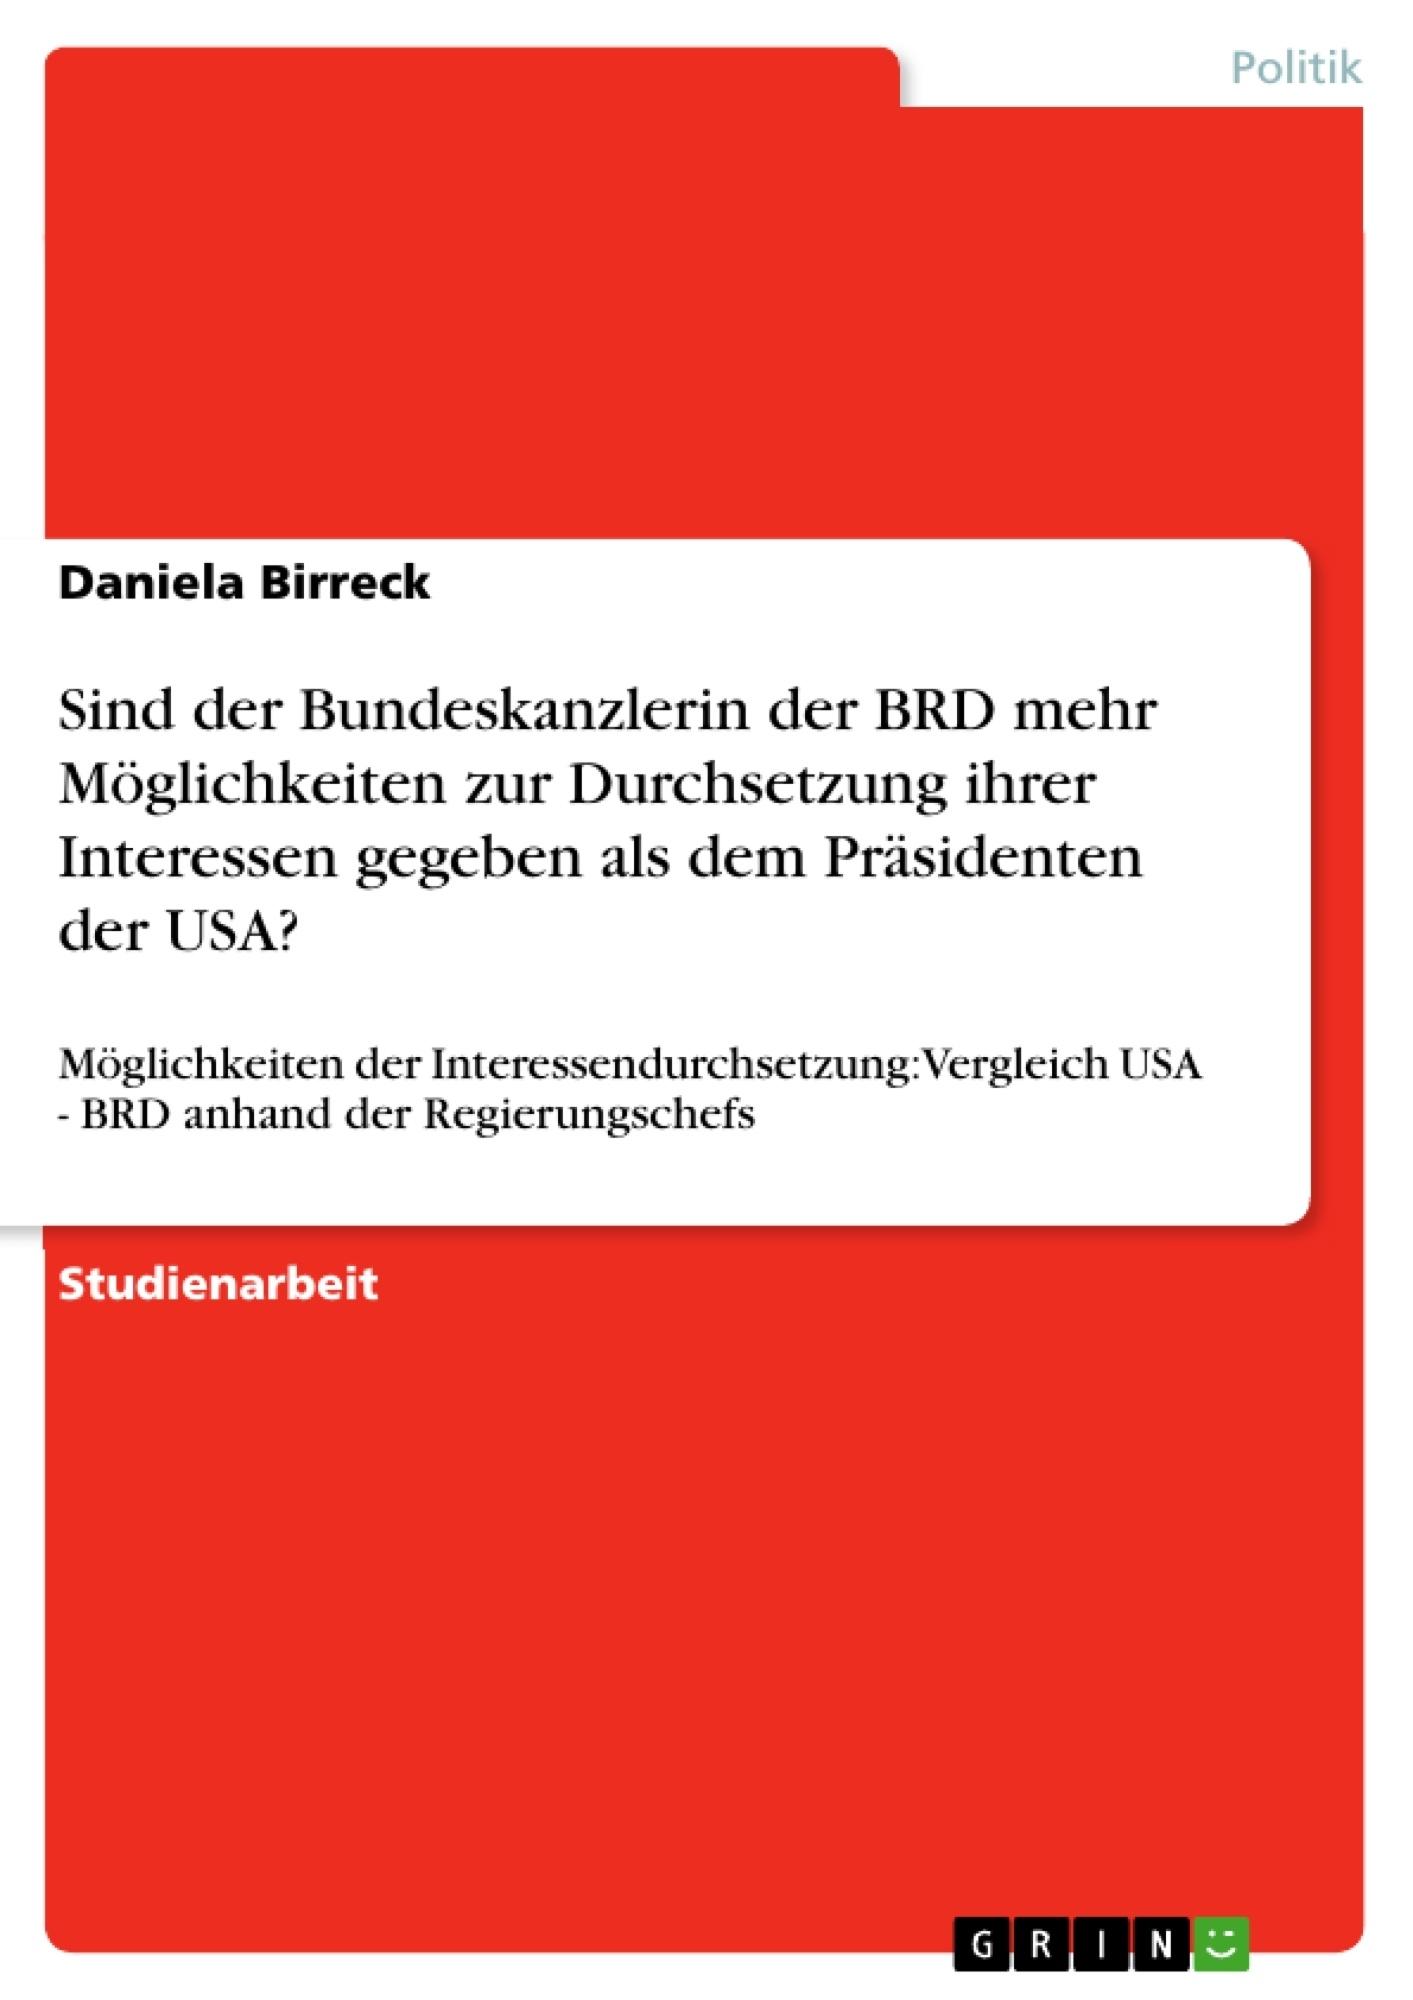 Titel: Sind der Bundeskanzlerin der BRD mehr Möglichkeiten zur Durchsetzung ihrer Interessen gegeben als dem Präsidenten der USA?